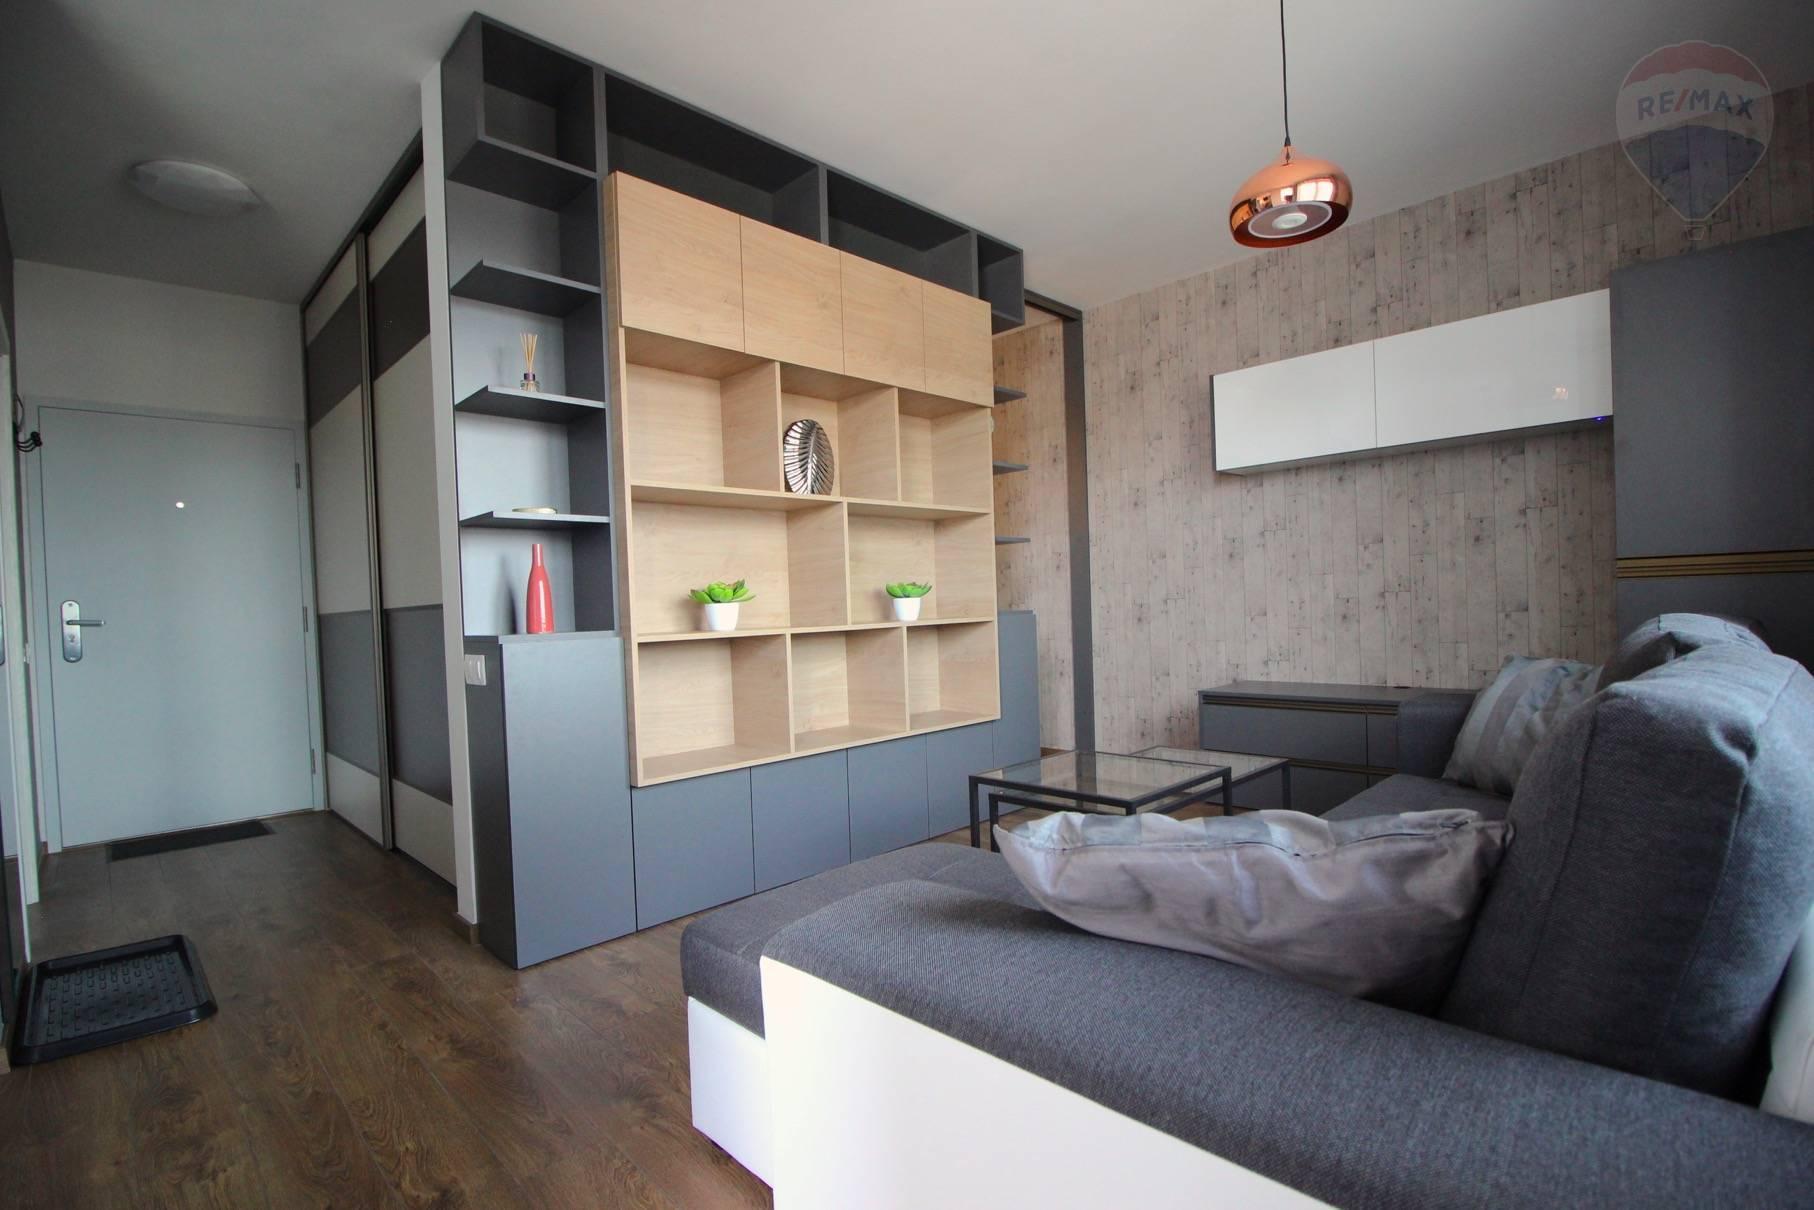 Prenájom bytu (2 izbový) 39 m2, Bratislava - Devínska Nová Ves - ŠTÝLOVÝ A MODERNÝ BYT V NOVOSTAVBE - EŠTE NEOBÝVANÝ - ZARIADENÝ - Bory Bývanie - Top ponuka - Obývacia izba